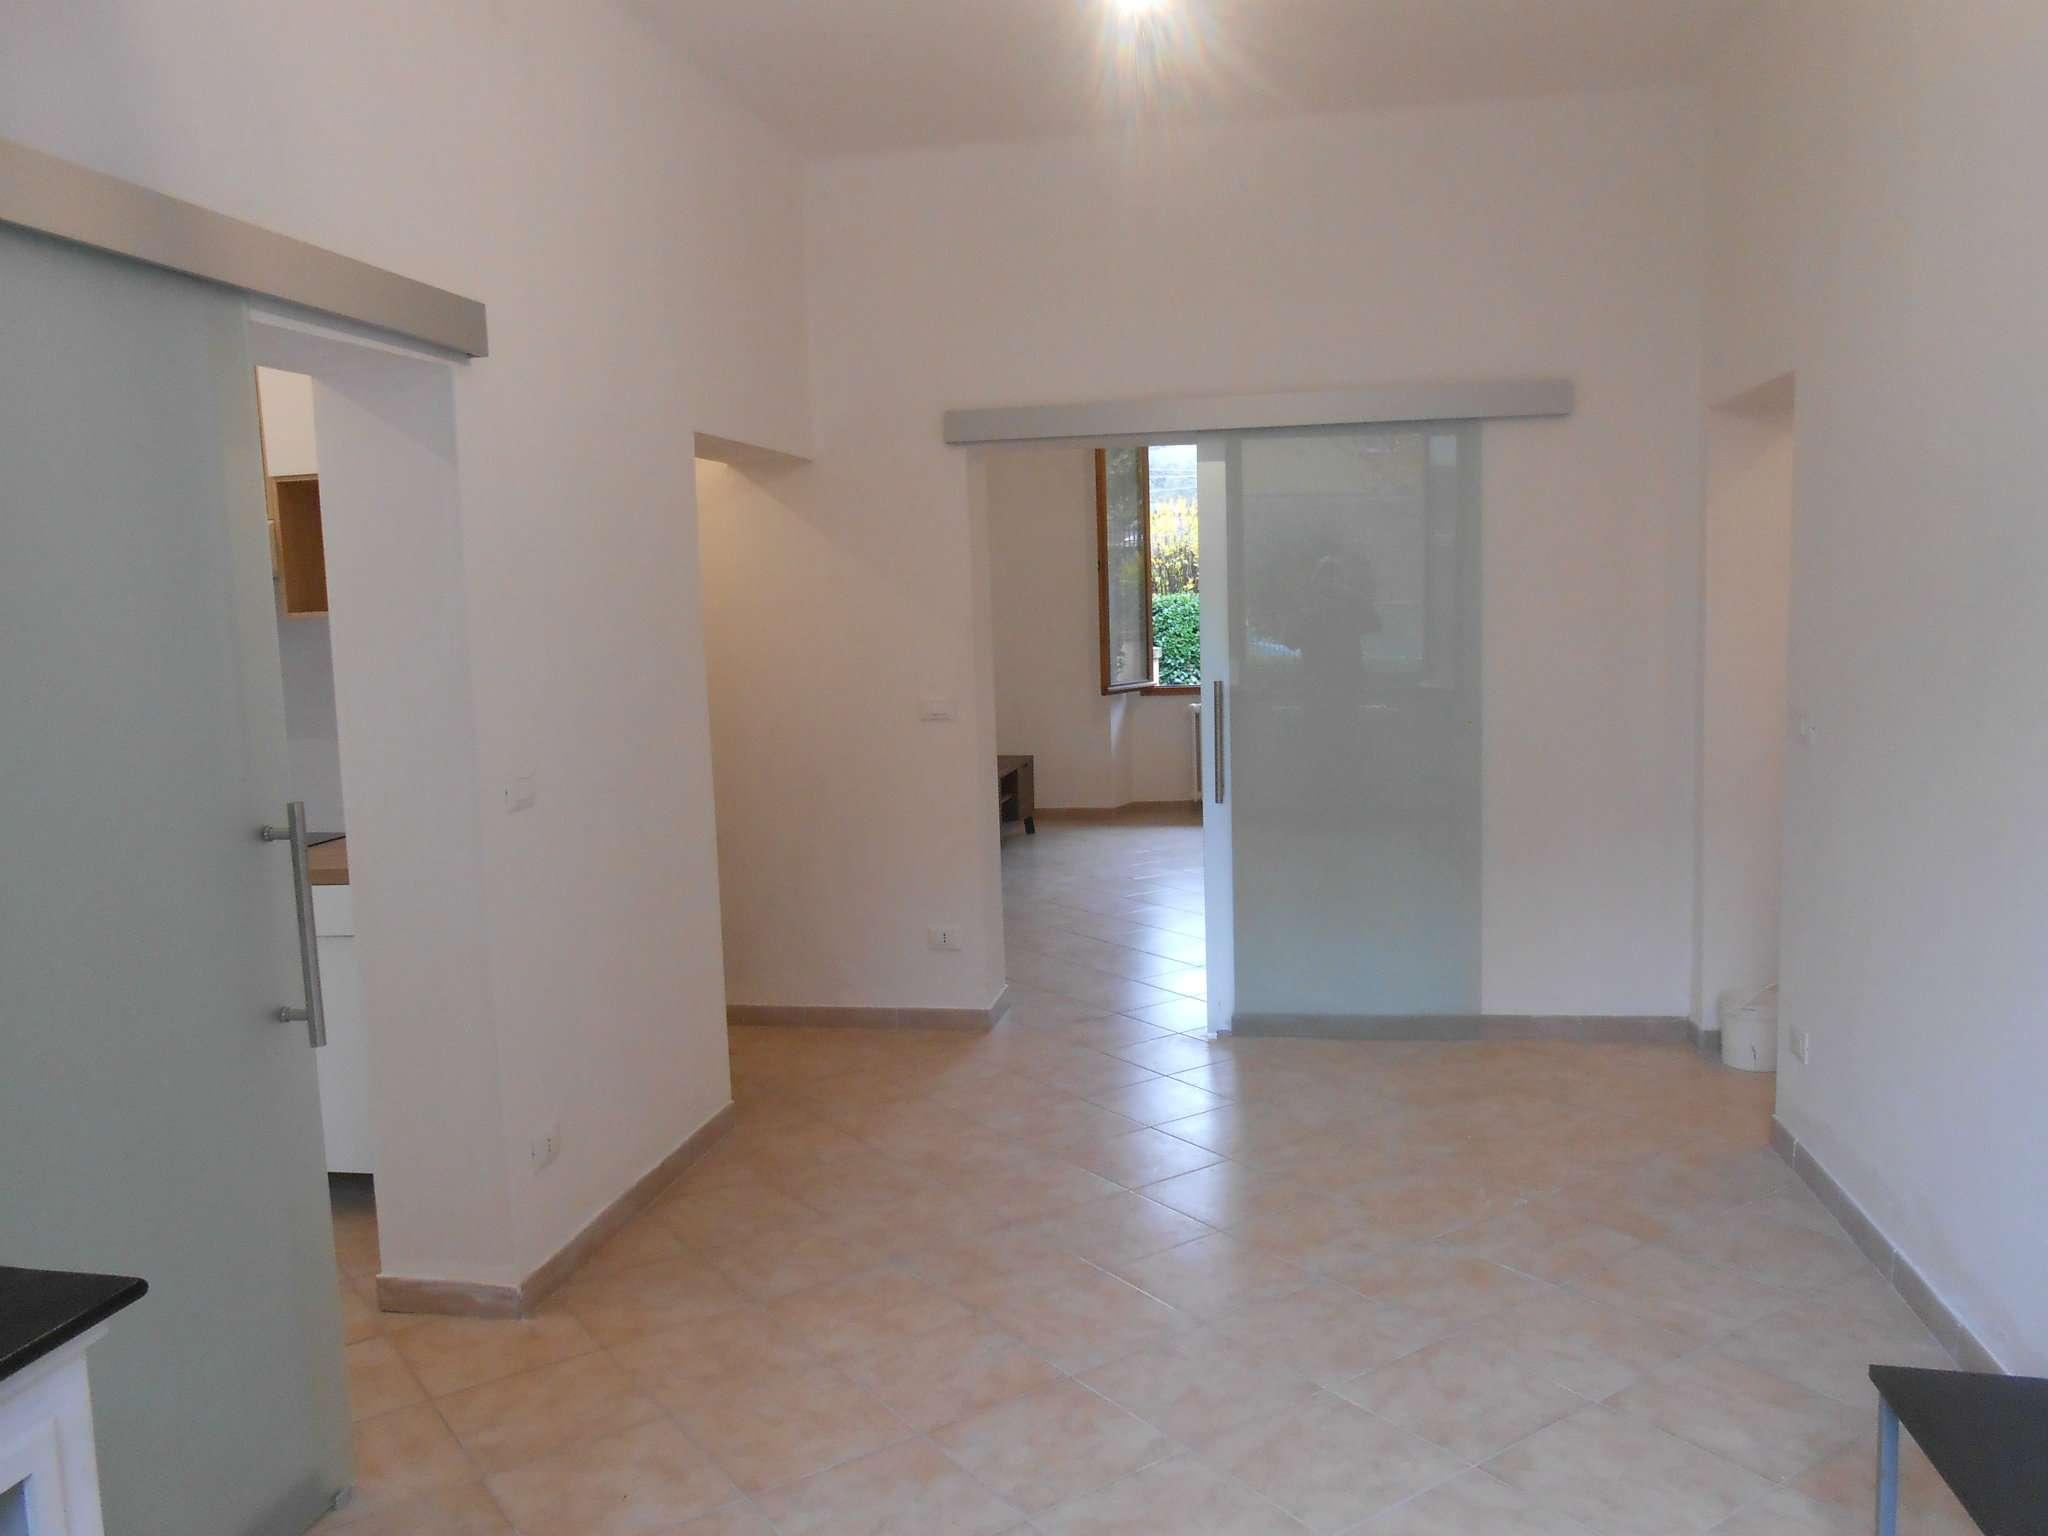 Appartamento ristrutturato in vendita Rif. 8467675